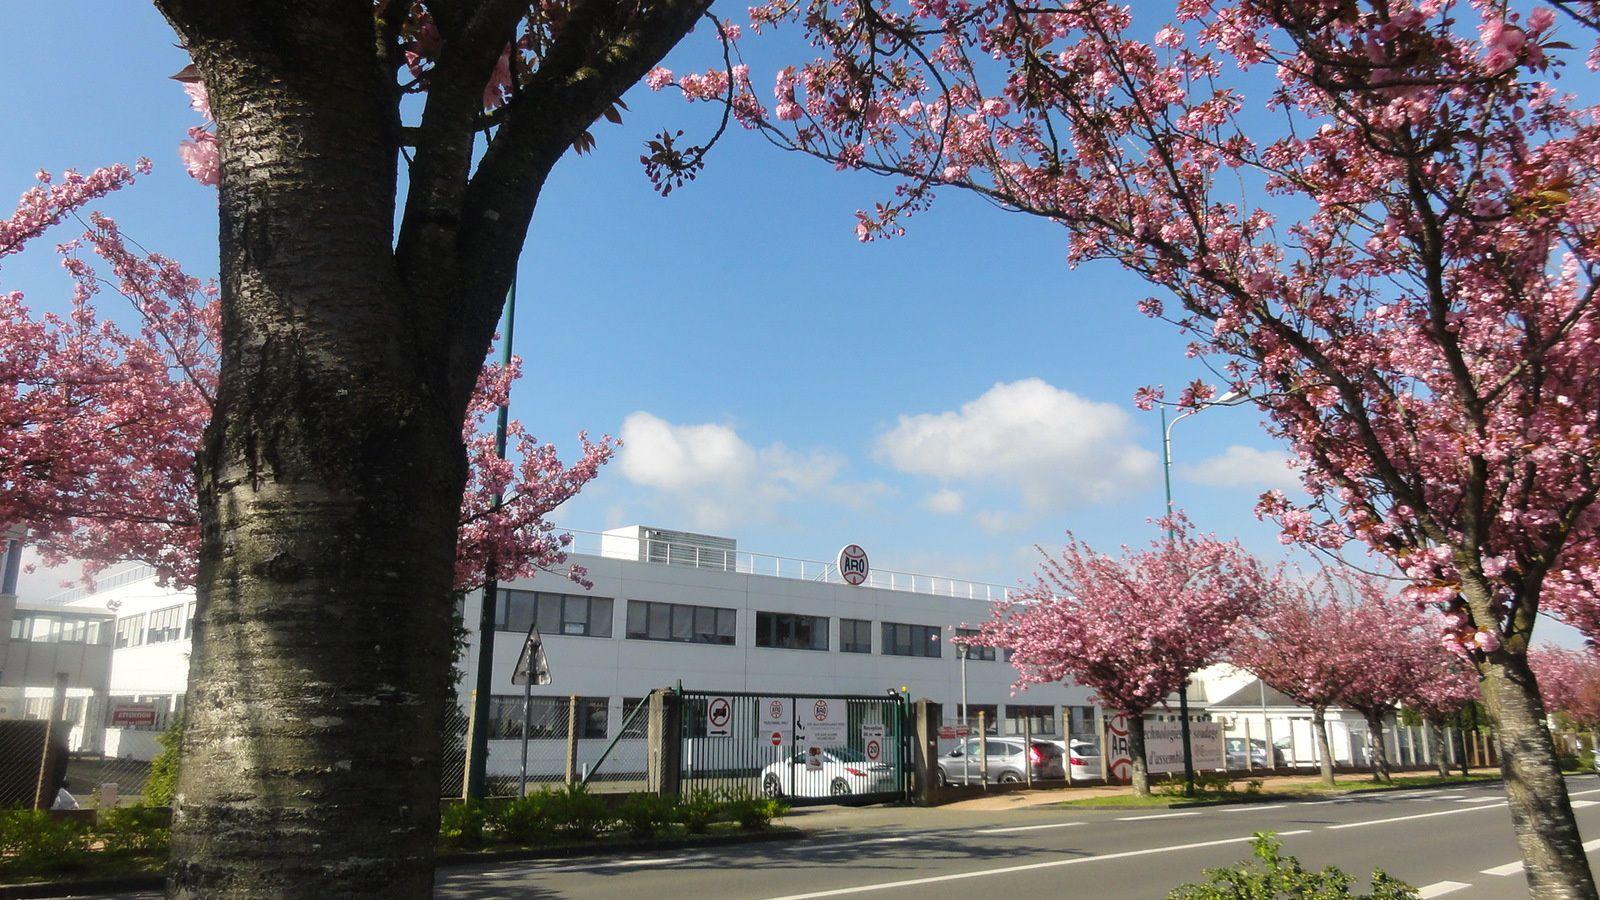 La Société ARO cachée derrière un rideau de fleurs de prunus !